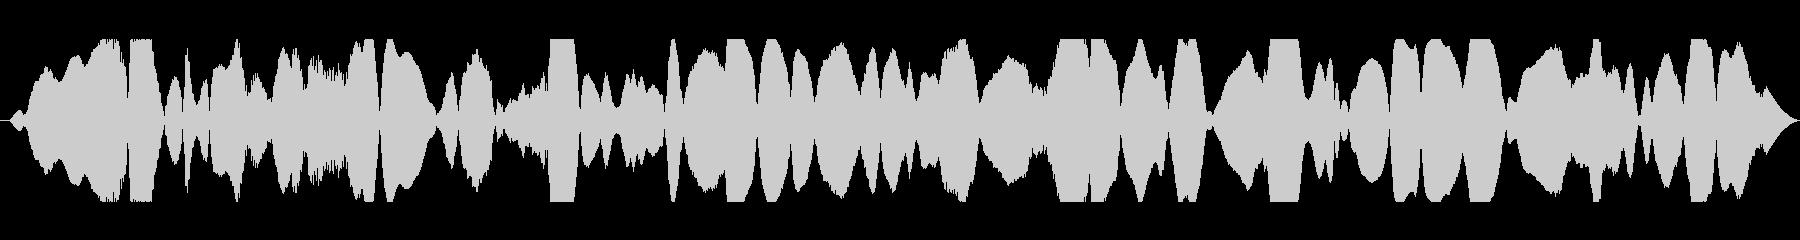 共鳴音とハムの未再生の波形